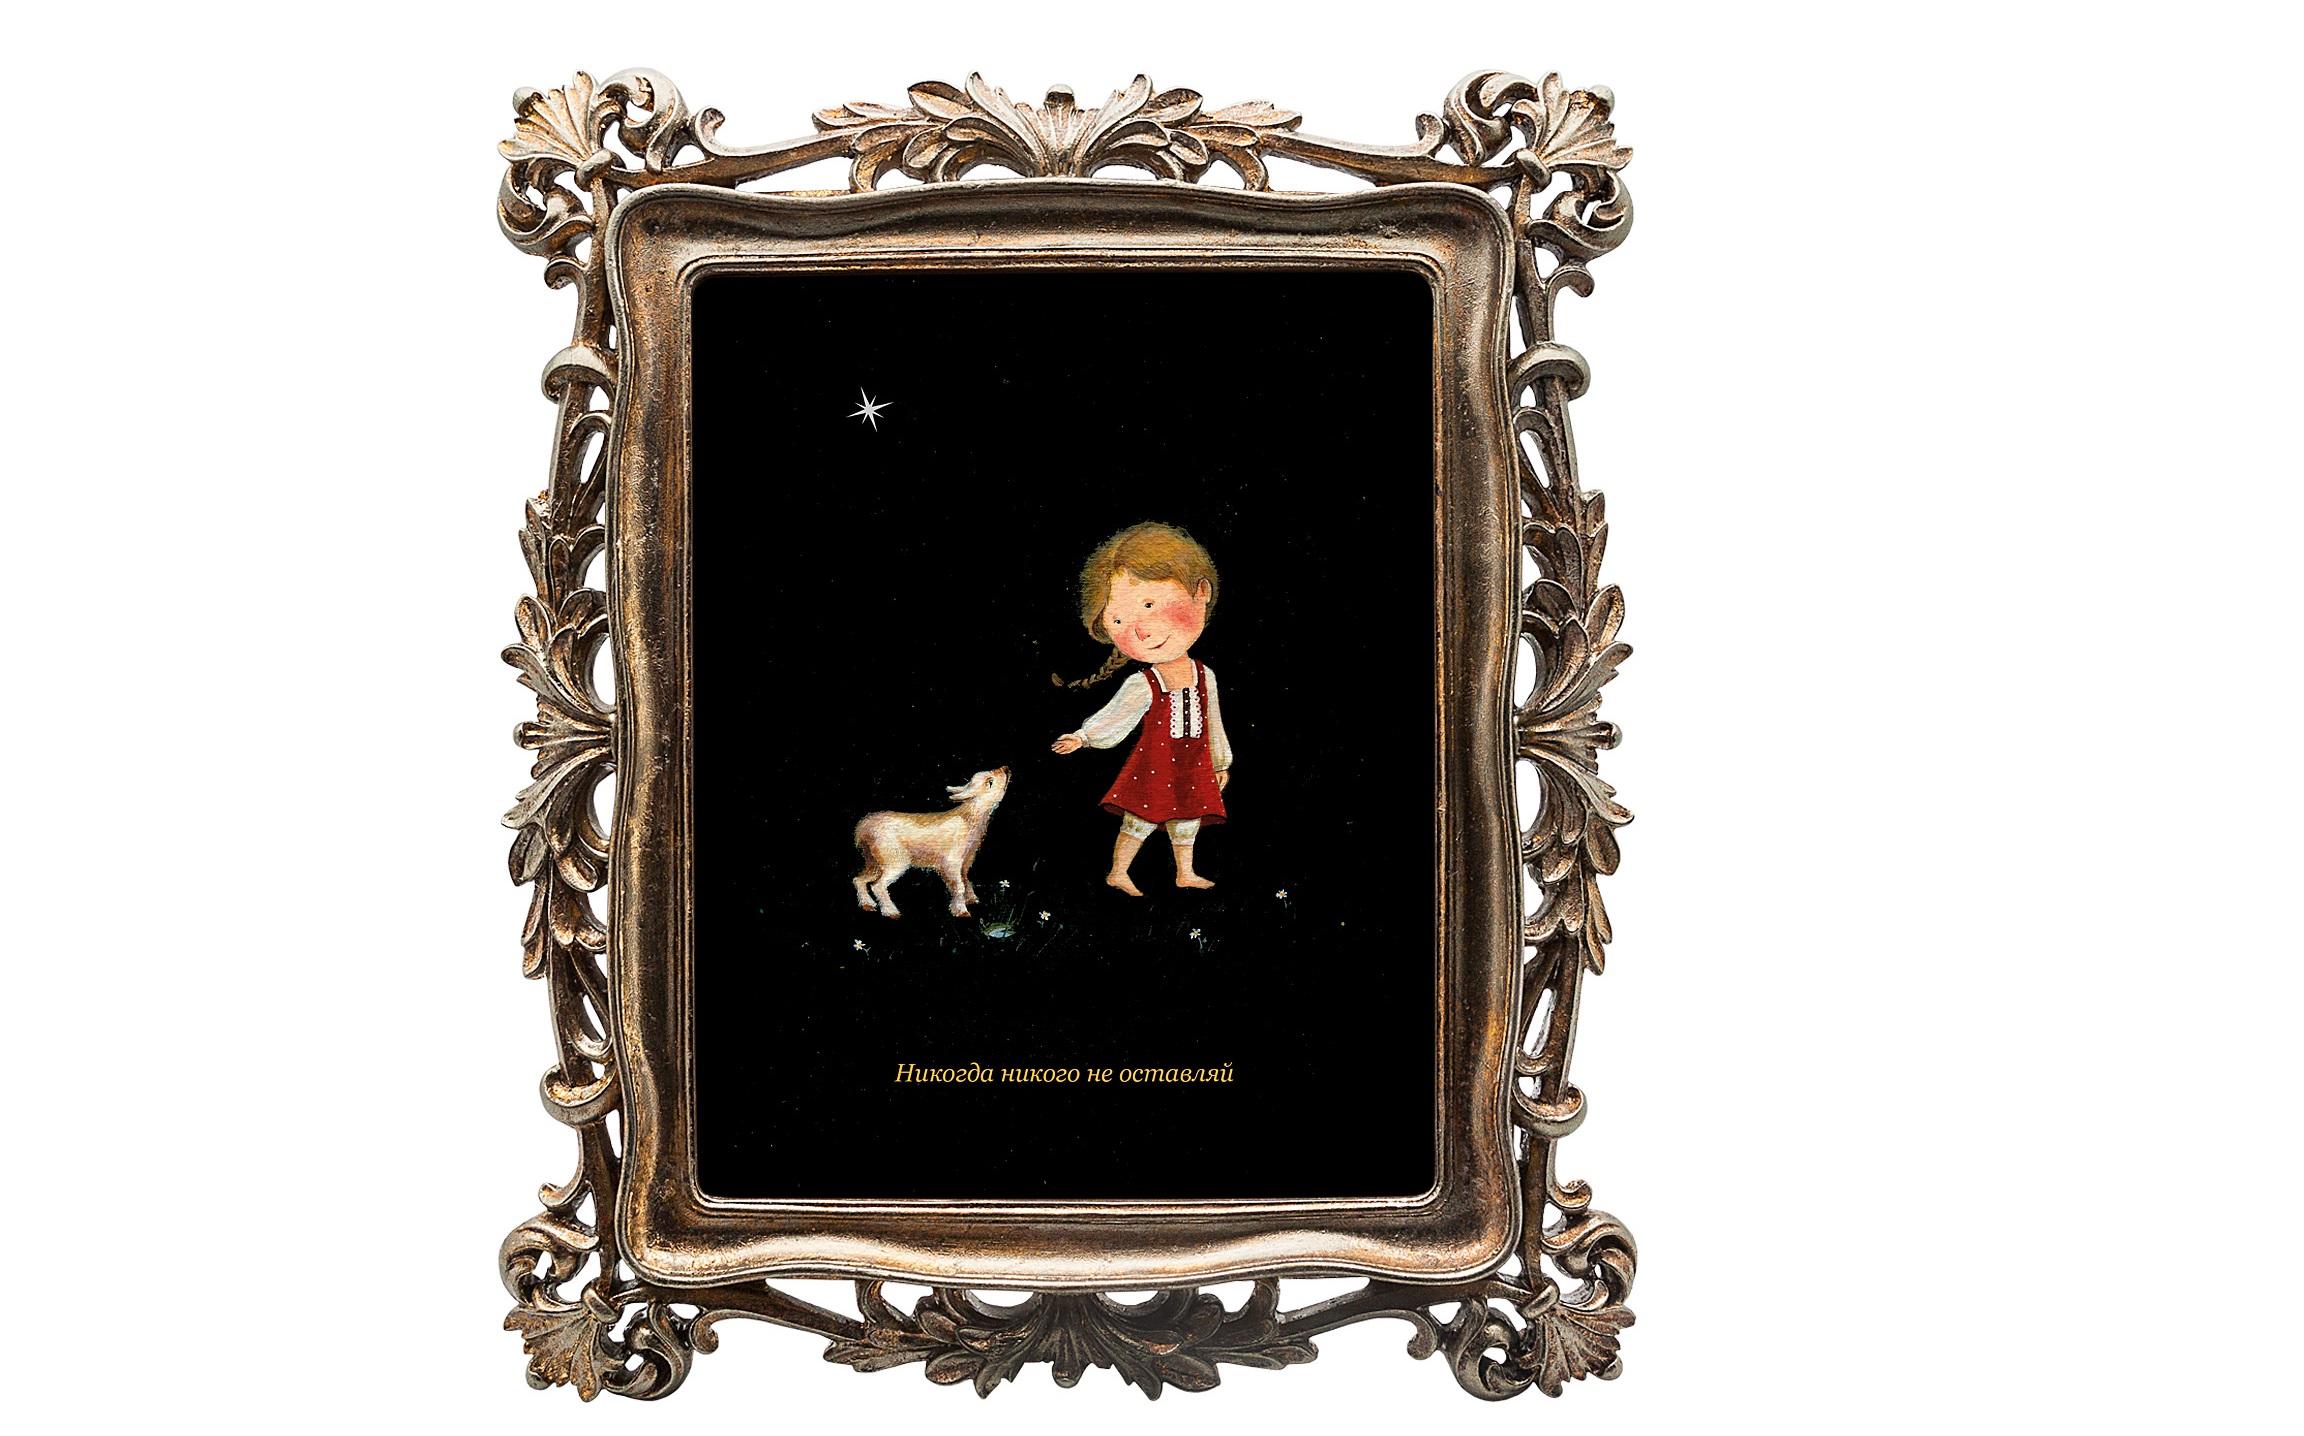 Картина 12 рецептов счастья (Козерог)Картины<br>Картина из коллекции «12 рецептов счастья» «Никогда никого не оставляй» олицетворяет собой знак зодиака Козерог, преподнося нам уникальное пожелание.  Картину можно повесить на стену, либо поставить, например, на стол или камин. Защитный стеклянный слой  гарантирует долгую жизнь прекрасному изображению. Рама изготовлена из полистоуна. Искусная техника состаривания придает раме особую теплоту и винтажность.&amp;lt;div&amp;gt;&amp;lt;br&amp;gt;&amp;lt;/div&amp;gt;&amp;lt;div&amp;gt;Материал: полистоун, стекло, дизайнерская бумага.&amp;lt;br&amp;gt;&amp;lt;/div&amp;gt;<br><br>Material: Полистоун<br>Ширина см: 29.7<br>Высота см: 34.7<br>Глубина см: 2.2